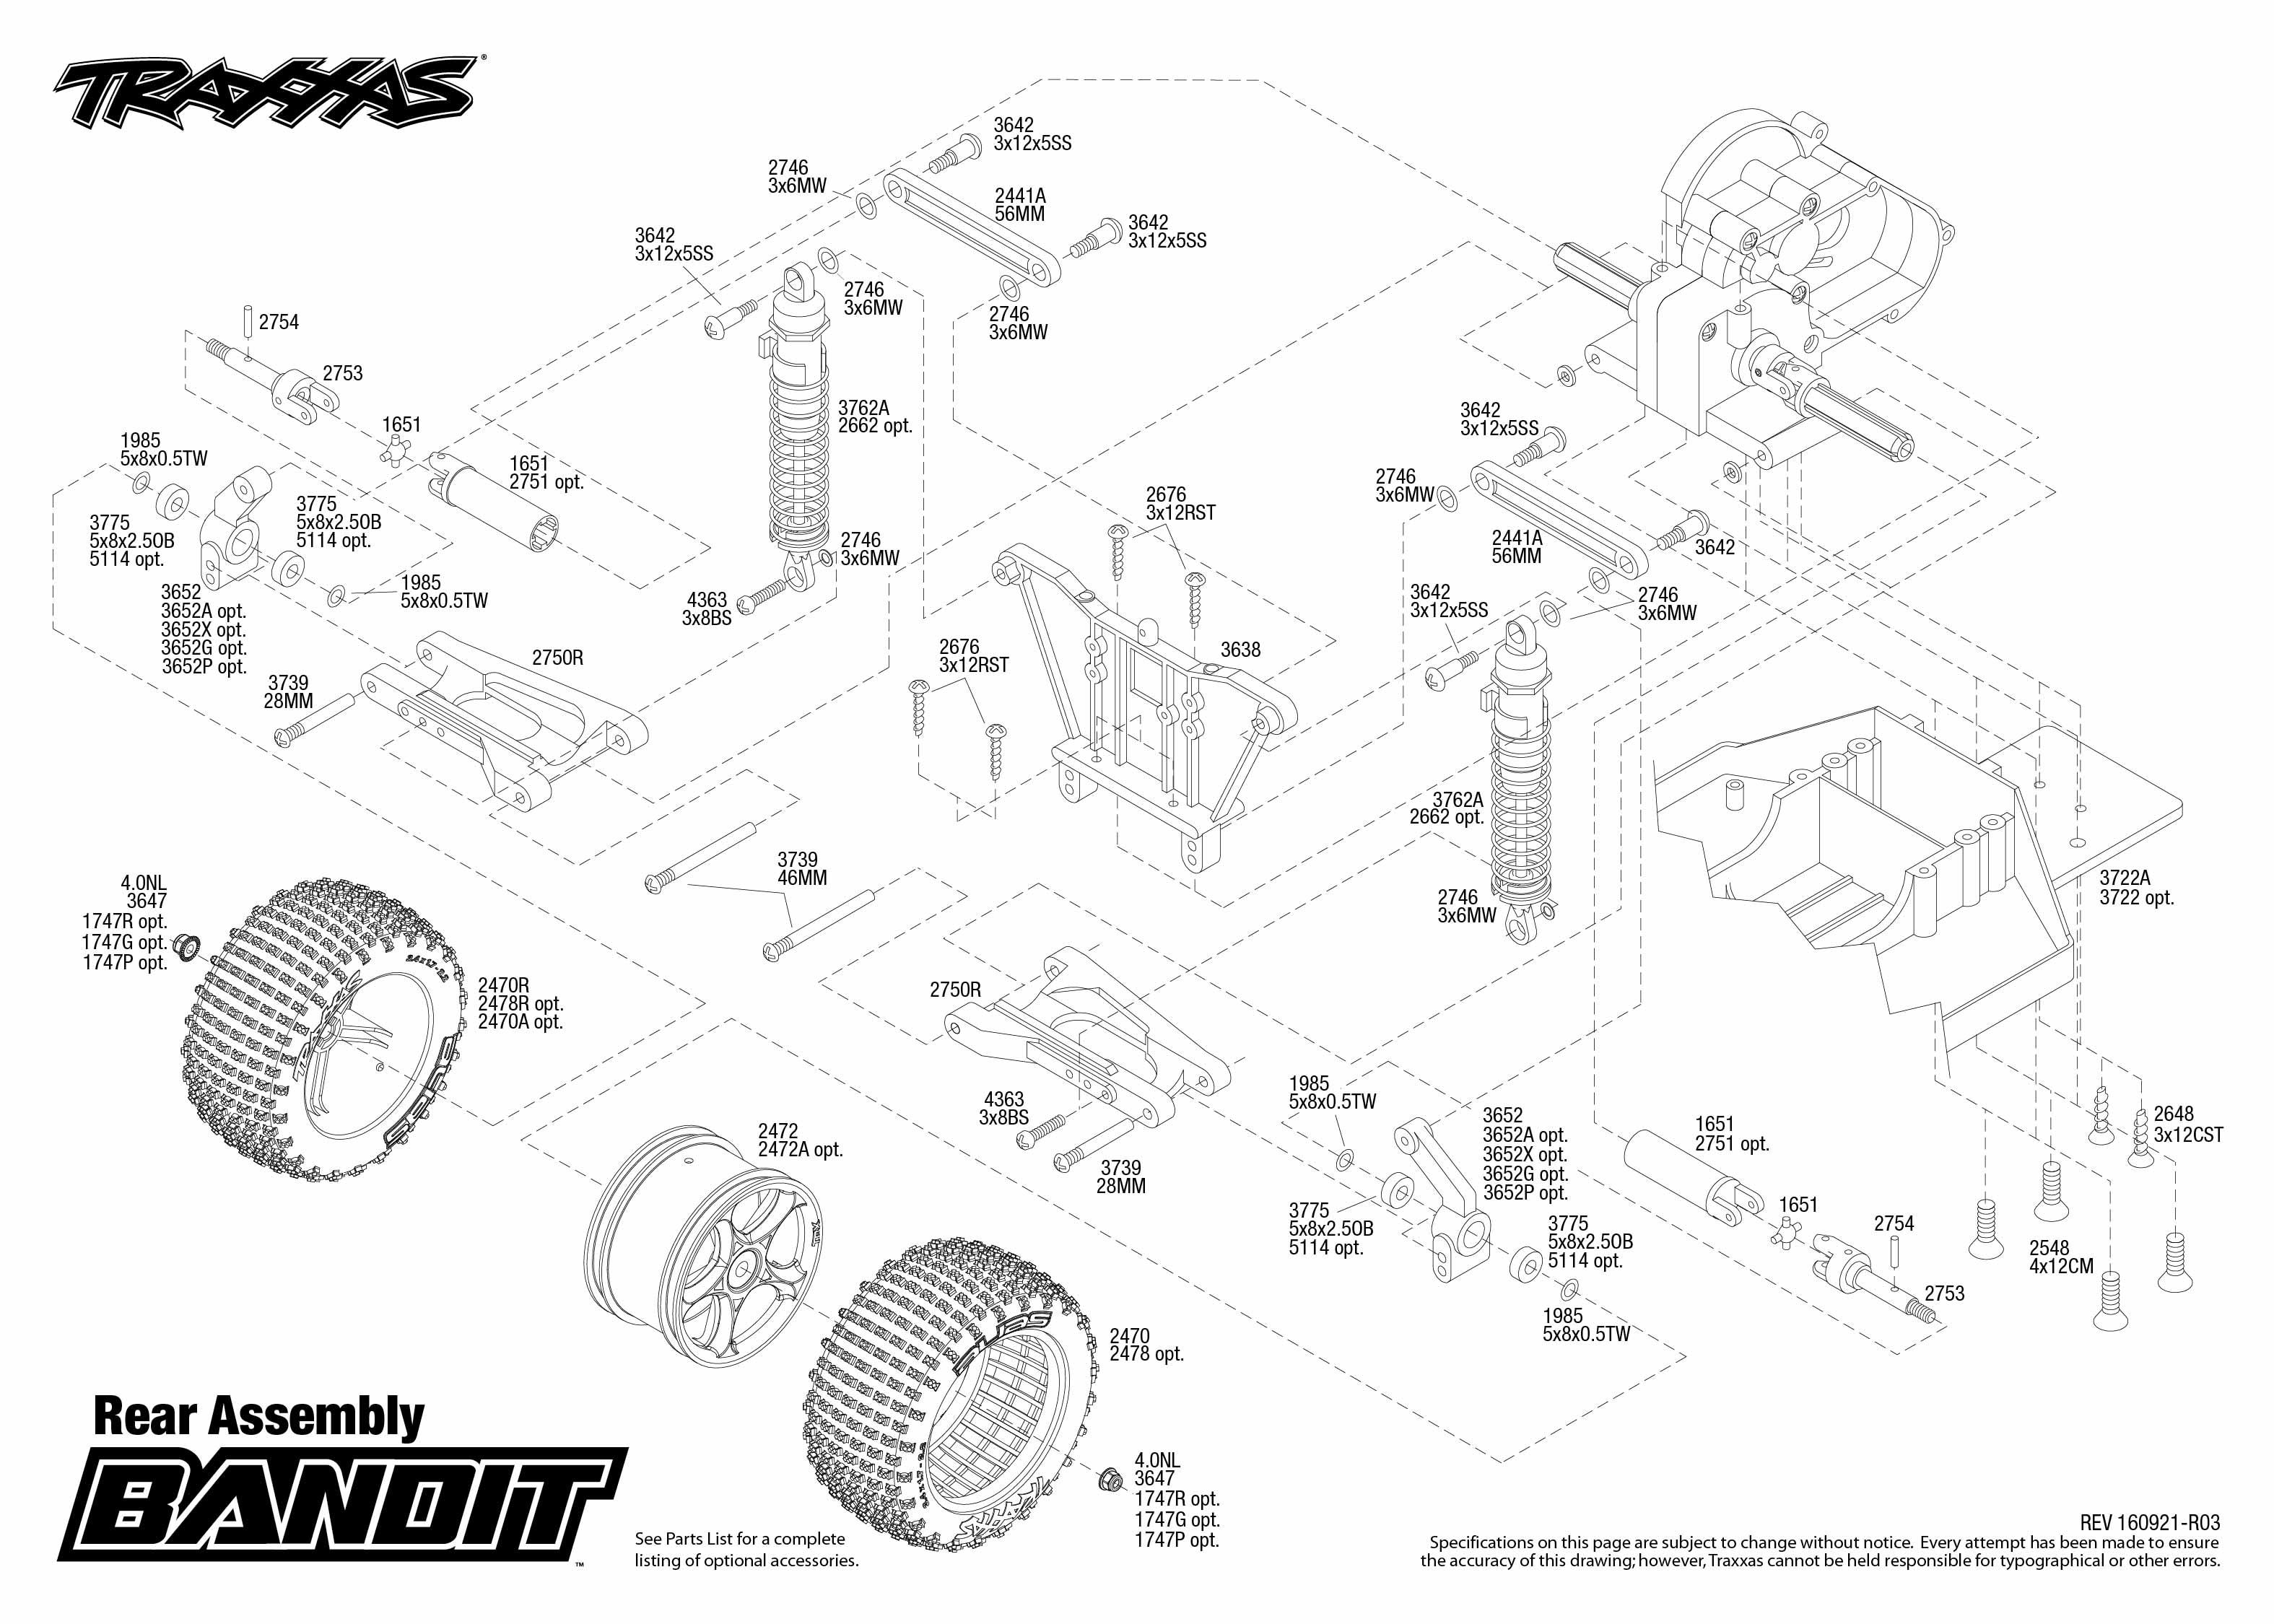 Traxxas Rustler Parts Diagram | Traxxas Rustler Parts Diagram Tih Rakanzleiberlin De